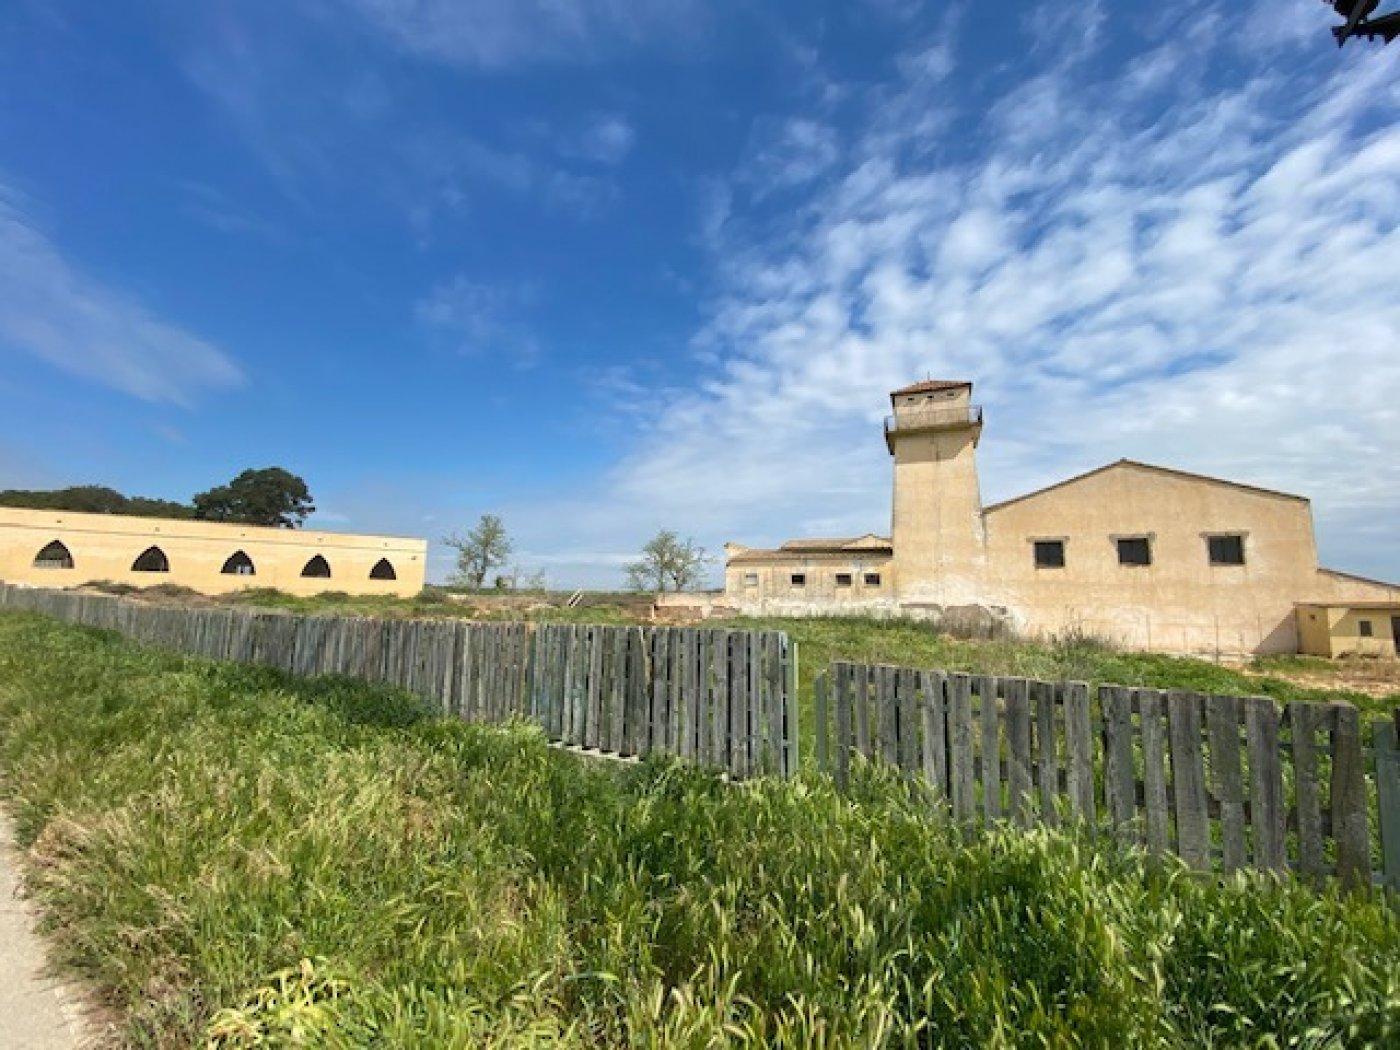 Apartamento, PARTIDES DE LLEIDA, Venta - Lleida (Lleida)